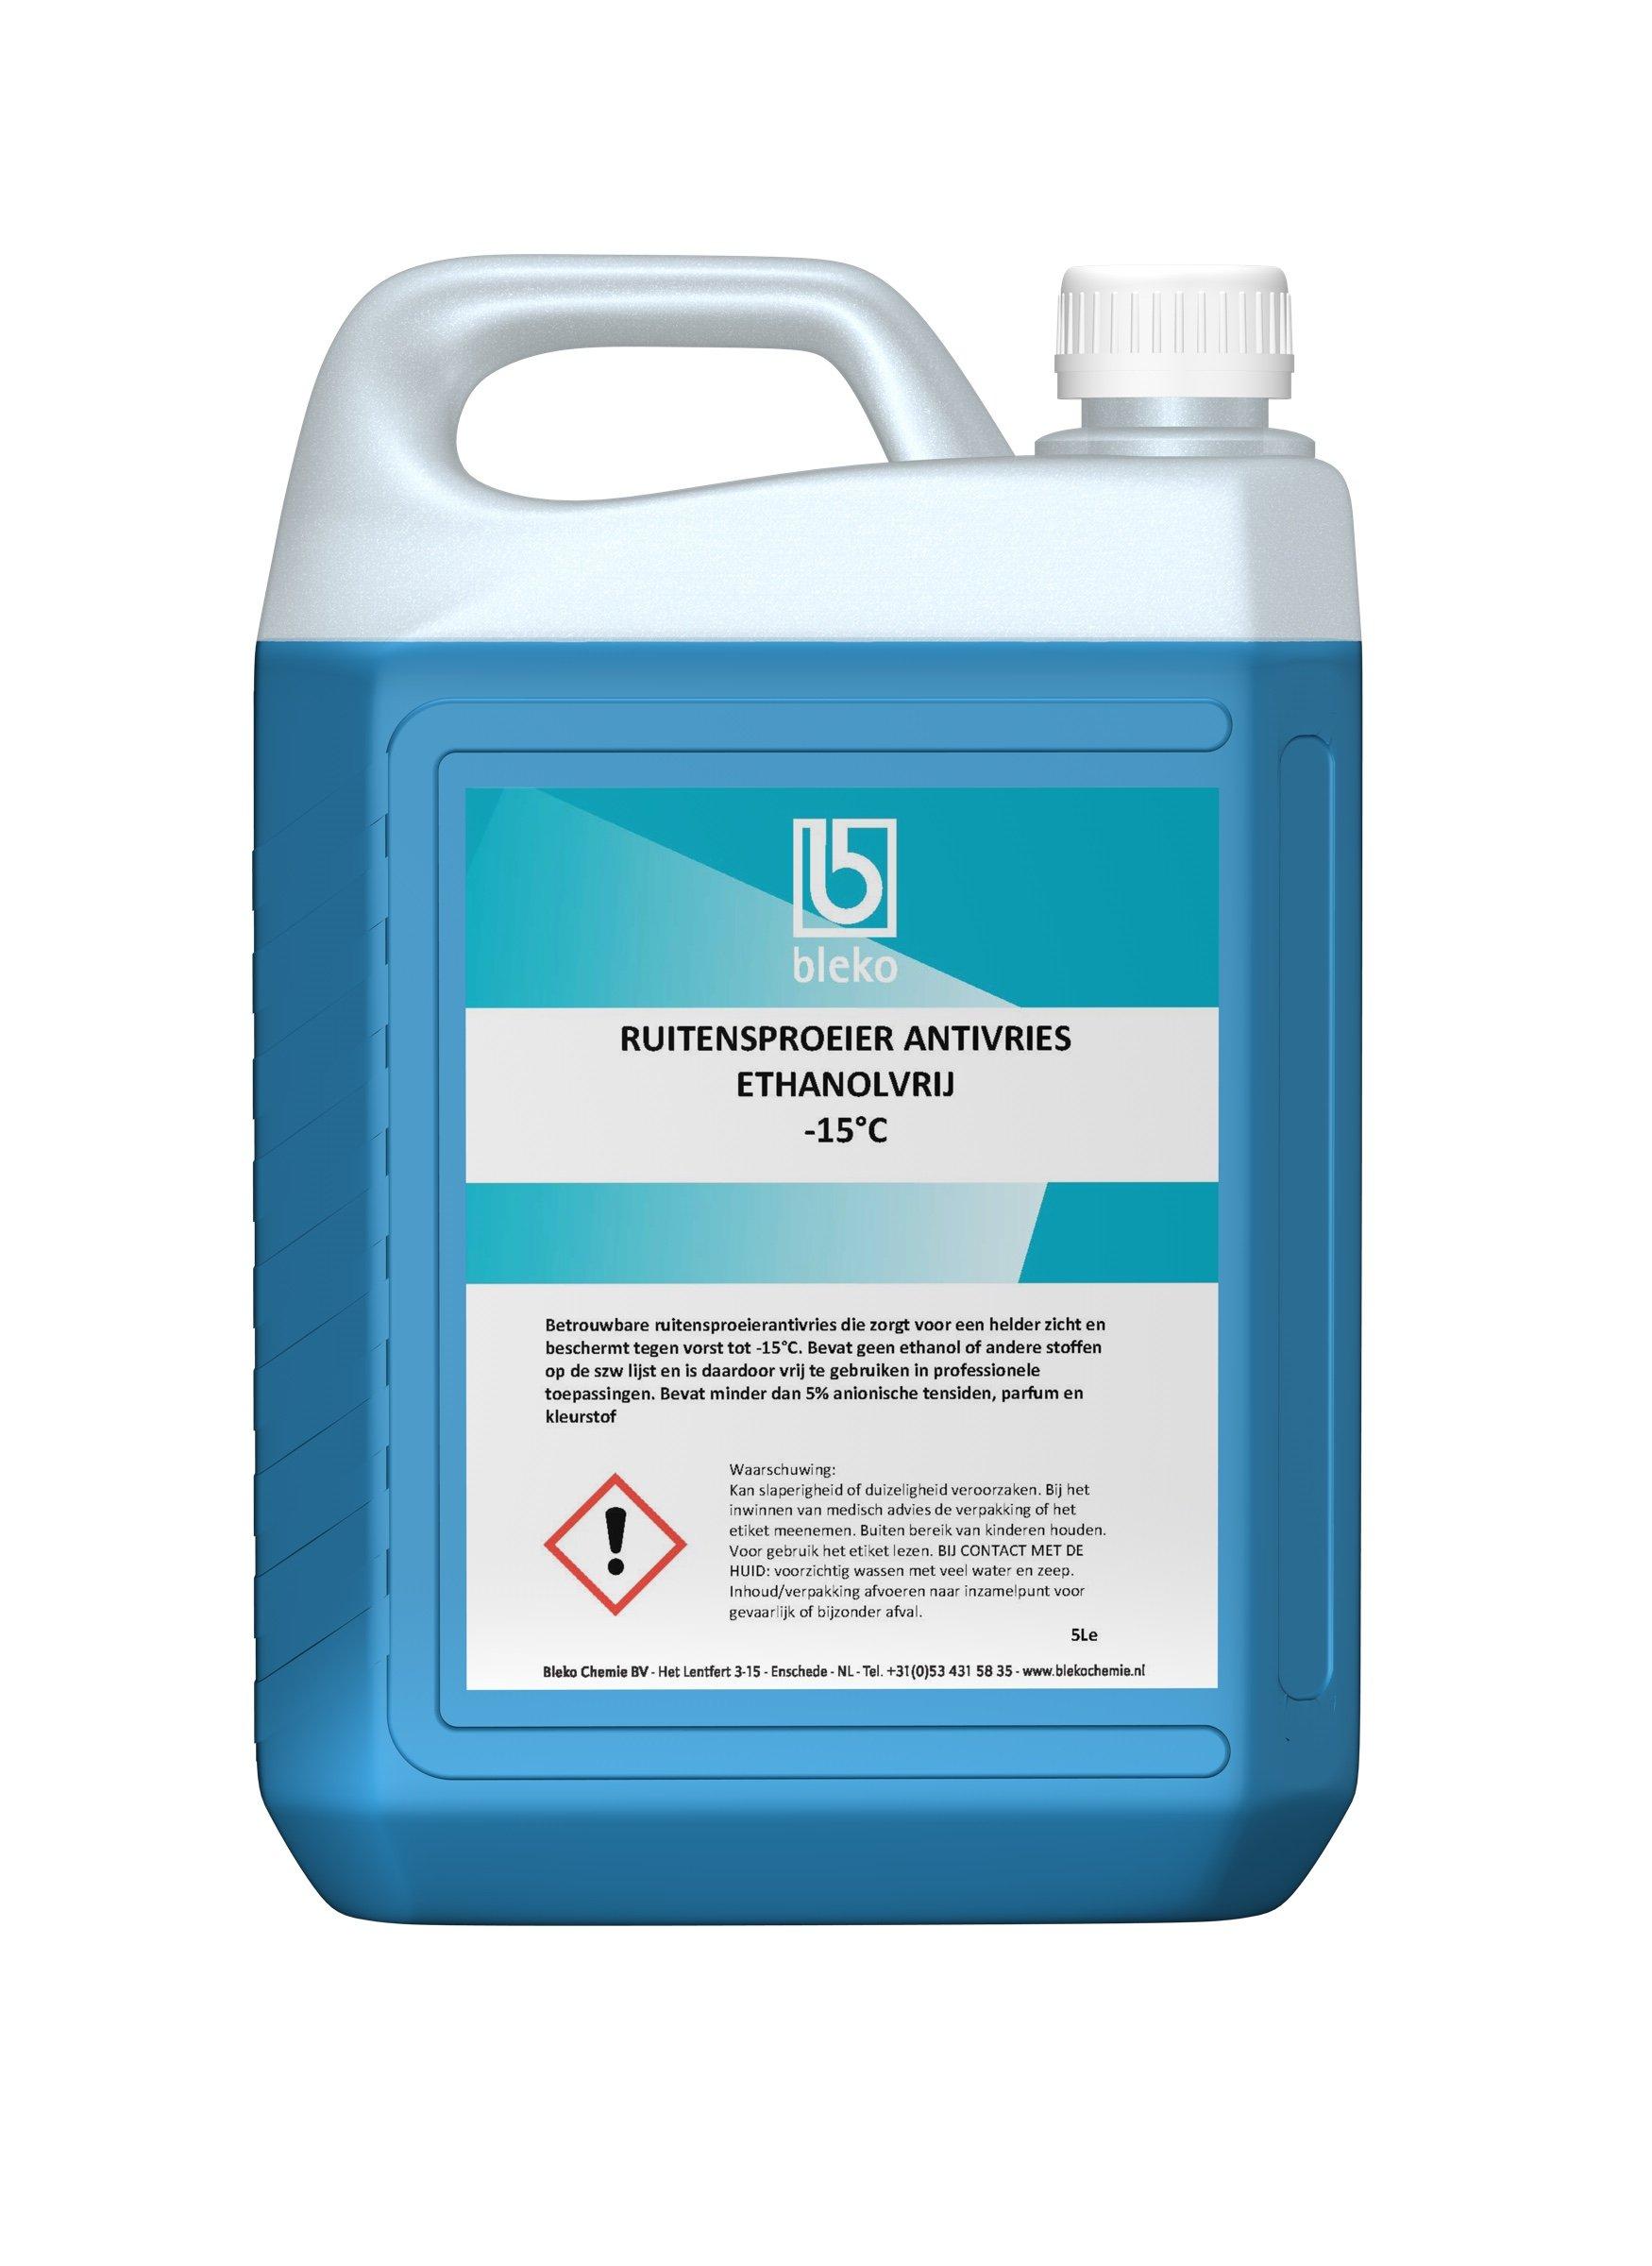 Ruitensproeierantivries ethanolvrij -15C 5L Bleko